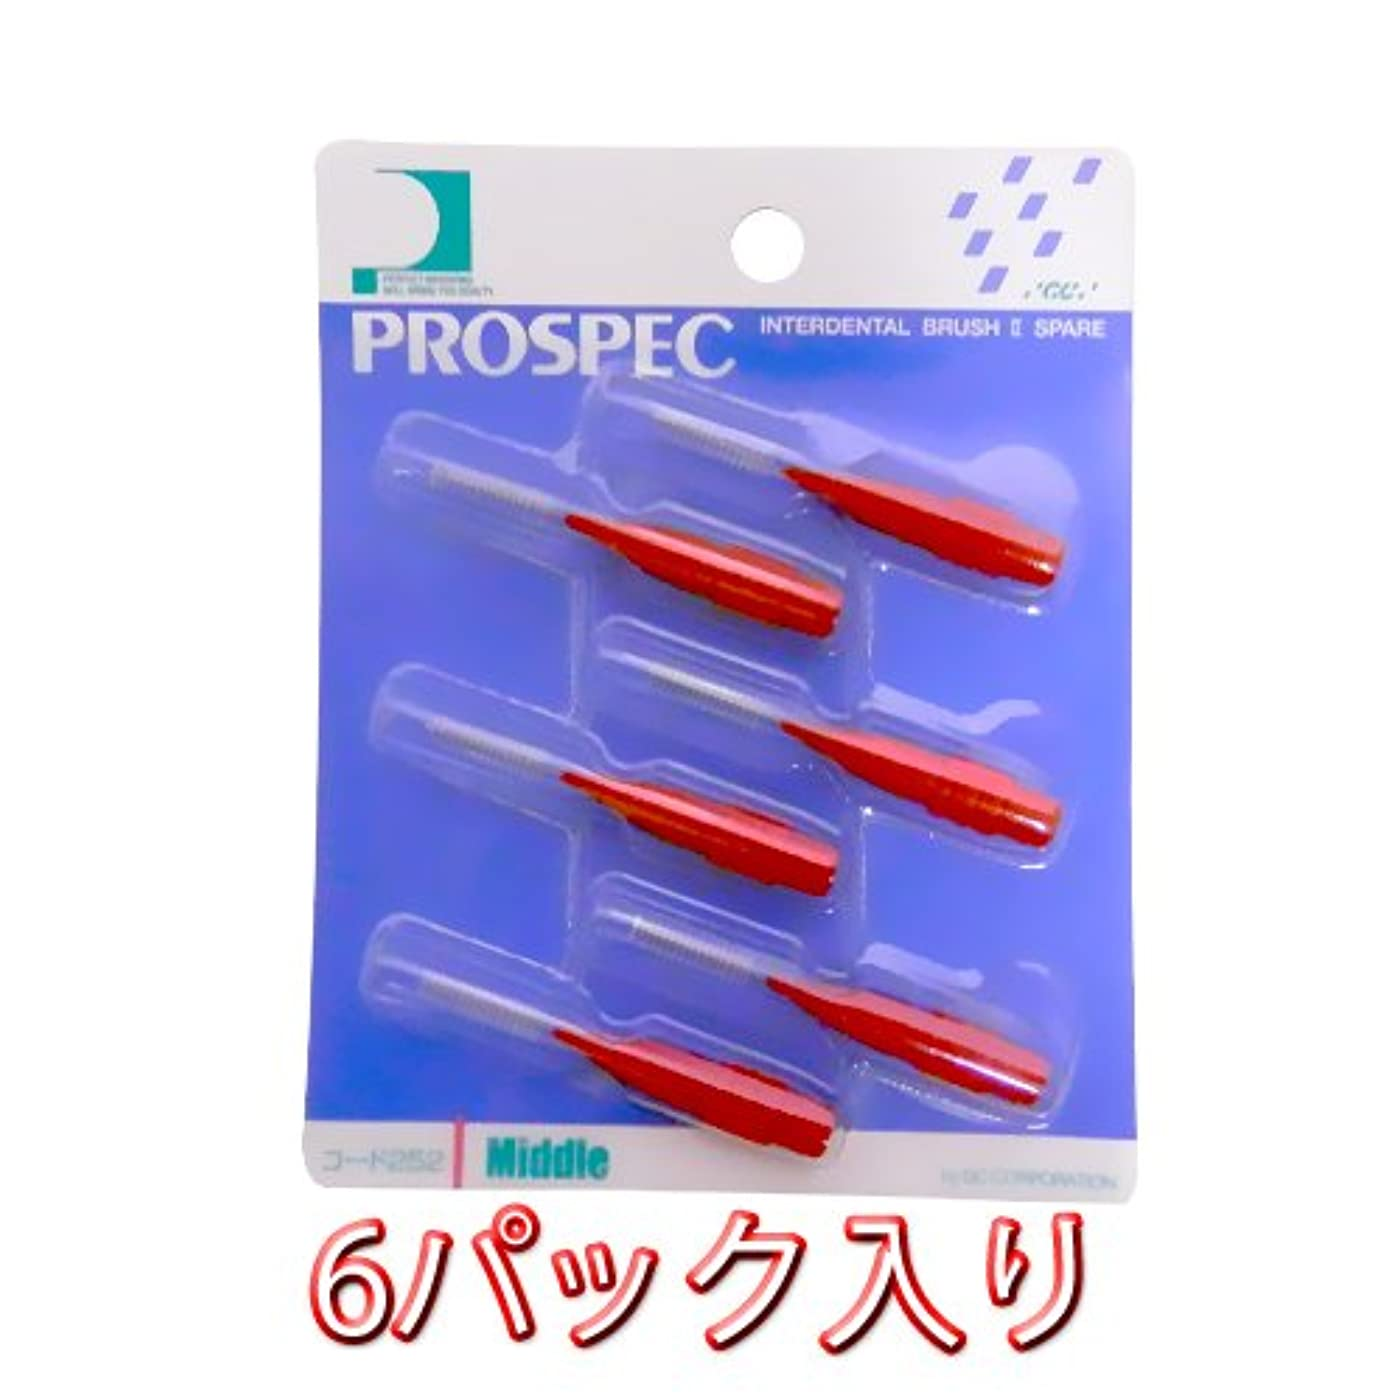 アクティビティ飛躍モジュールプロスペック 歯間ブラシ2 スペアー ブラシのみ6本入 × 6パック M レッド